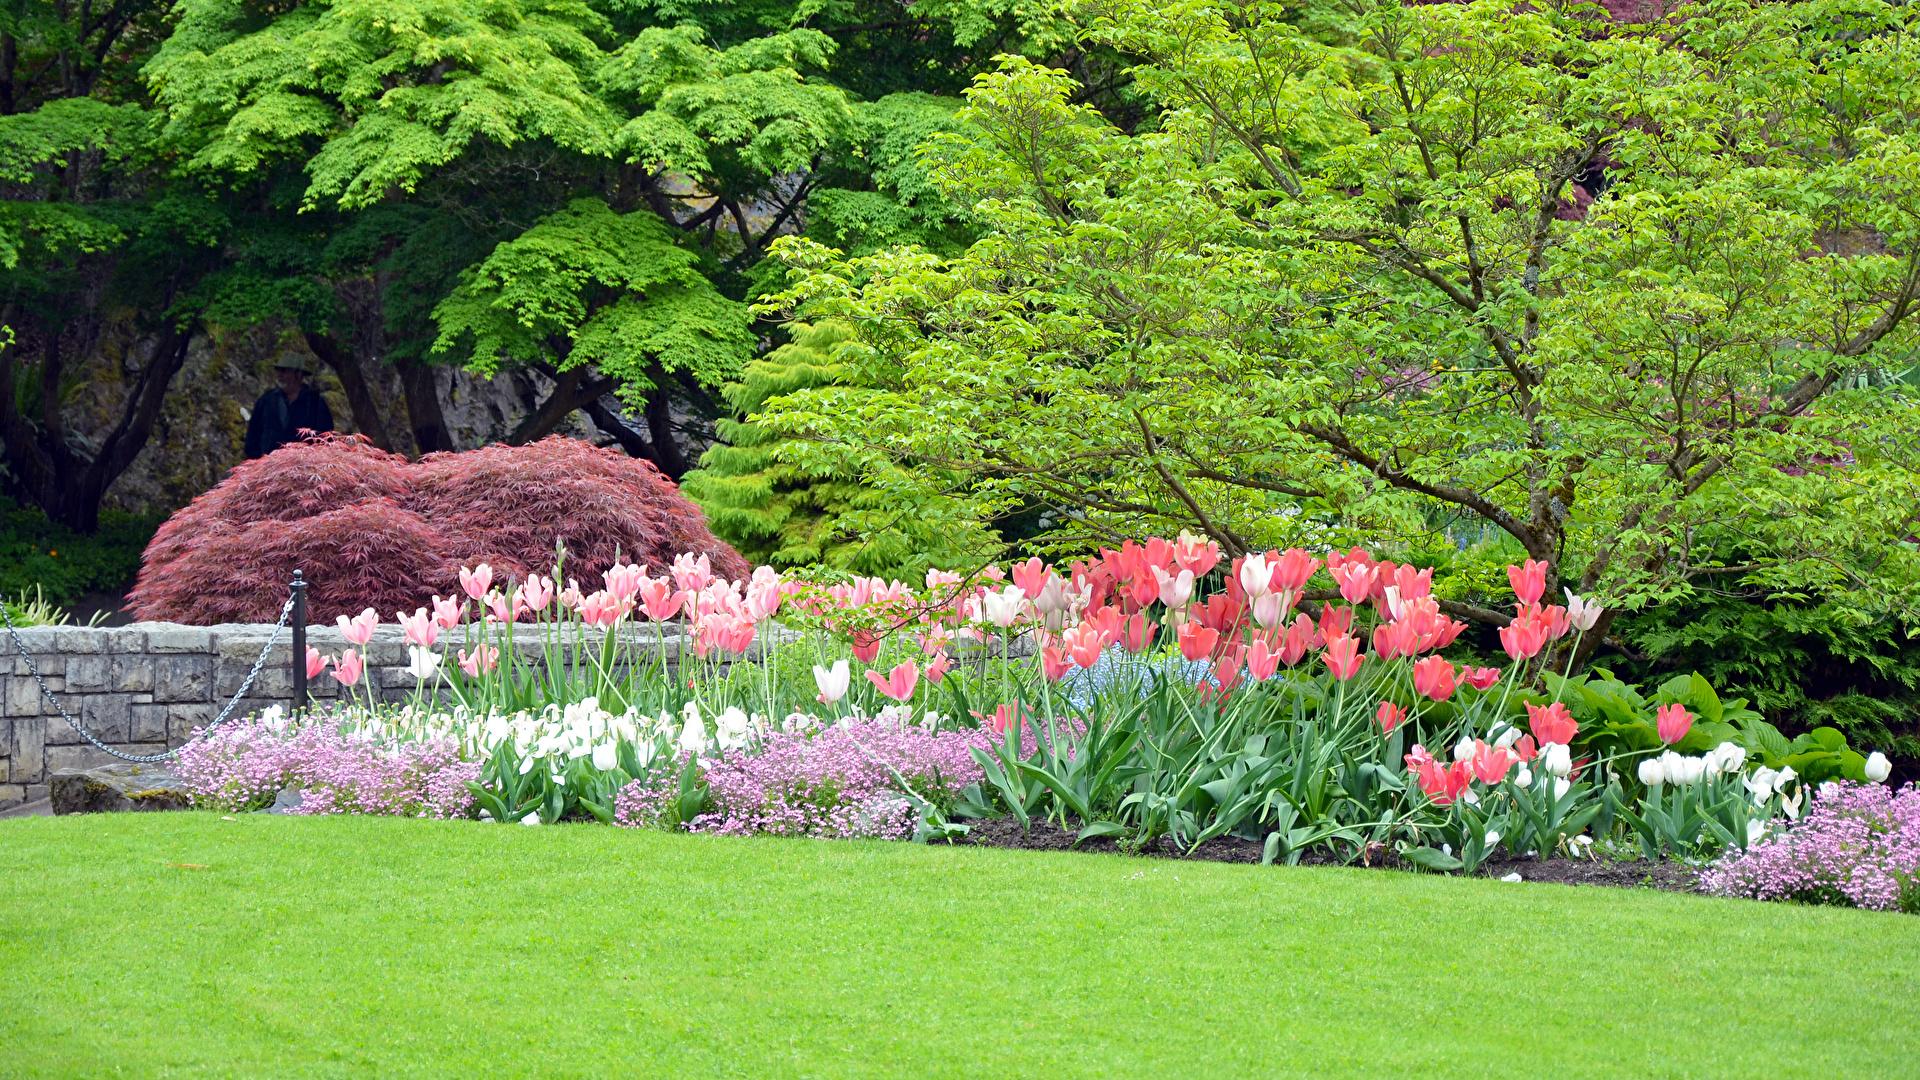 壁紙 19x1080 春 チューリップ 公園 自然 ダウンロード 写真